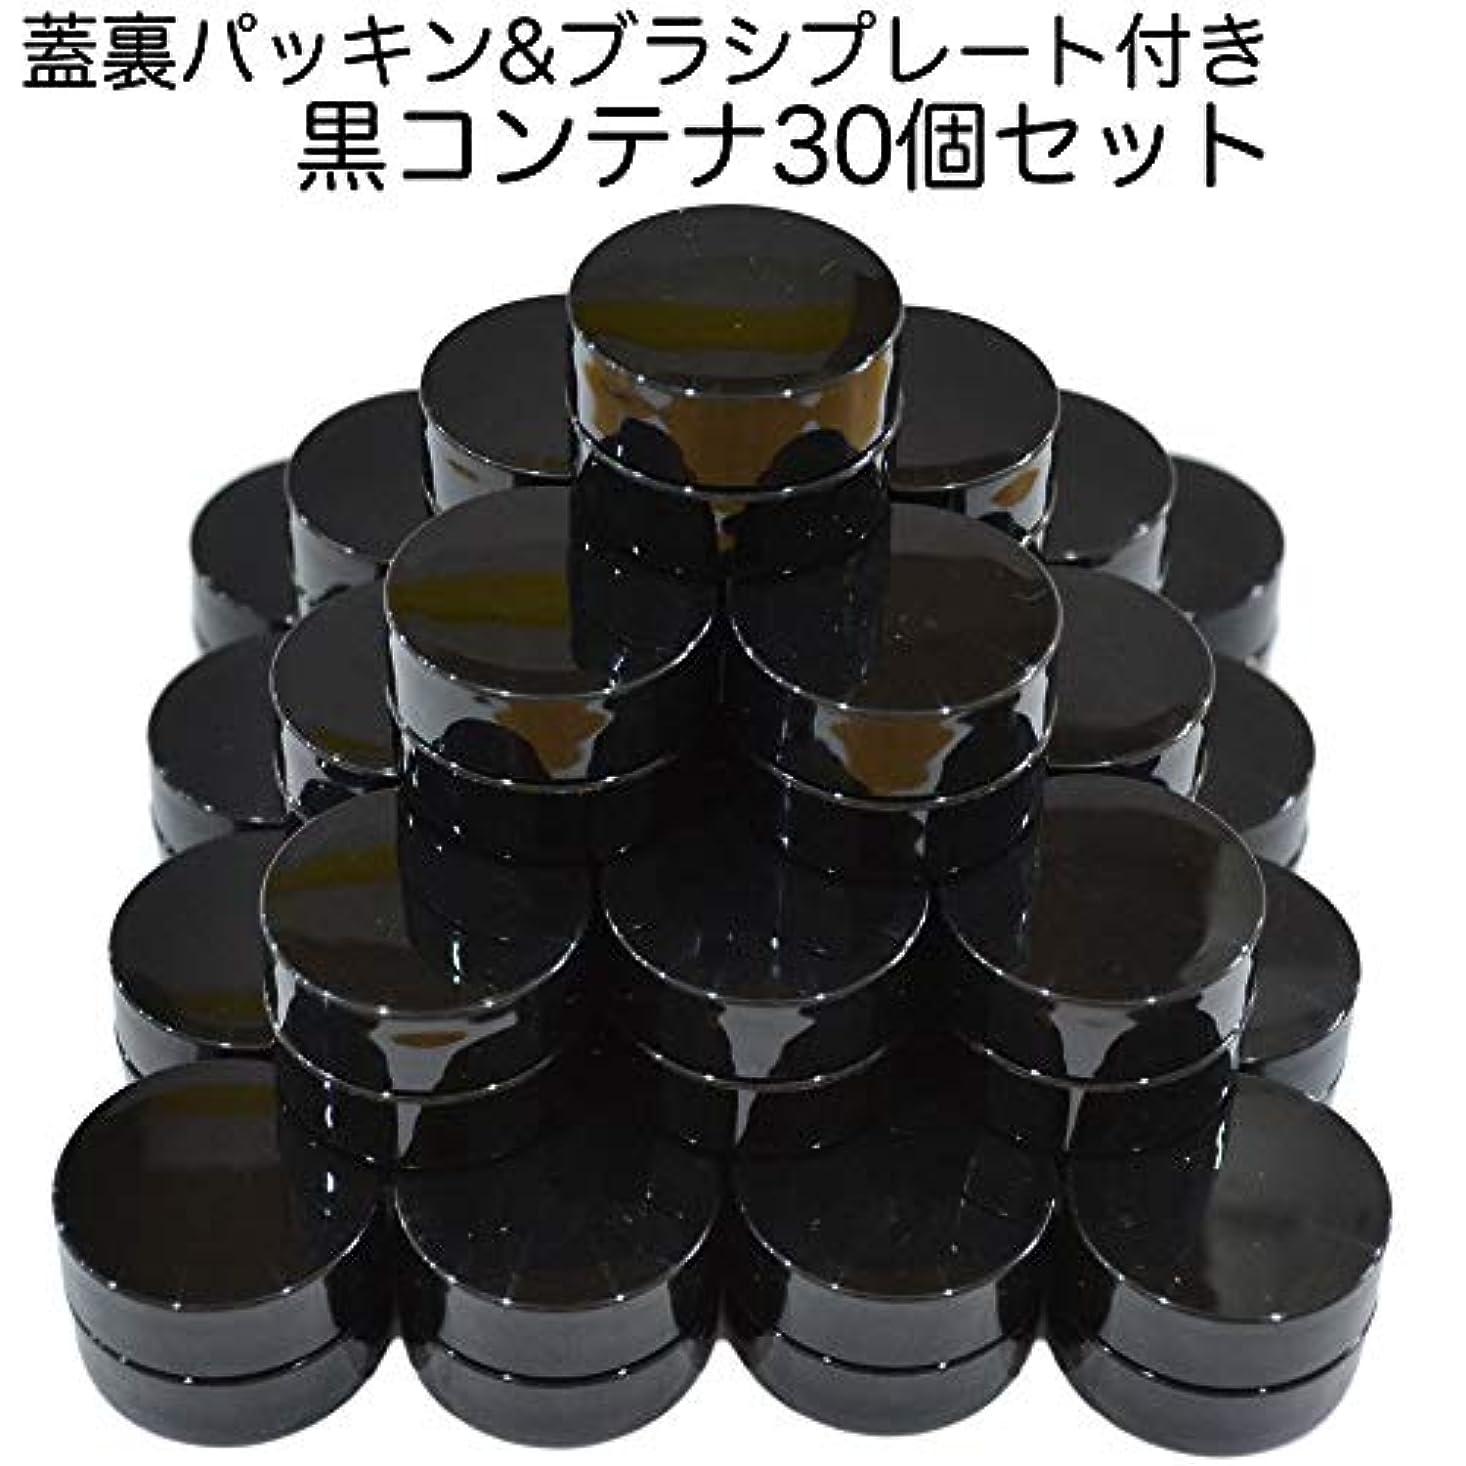 警察署お願いします再開30個セット/純国産ネイルジェルコンテナ 3g用 GA3g 漏れ防止パッキン&ブラシプレート付容器 ジェルを無駄なく使える底面傾斜あり 遮光 黒 ブラック